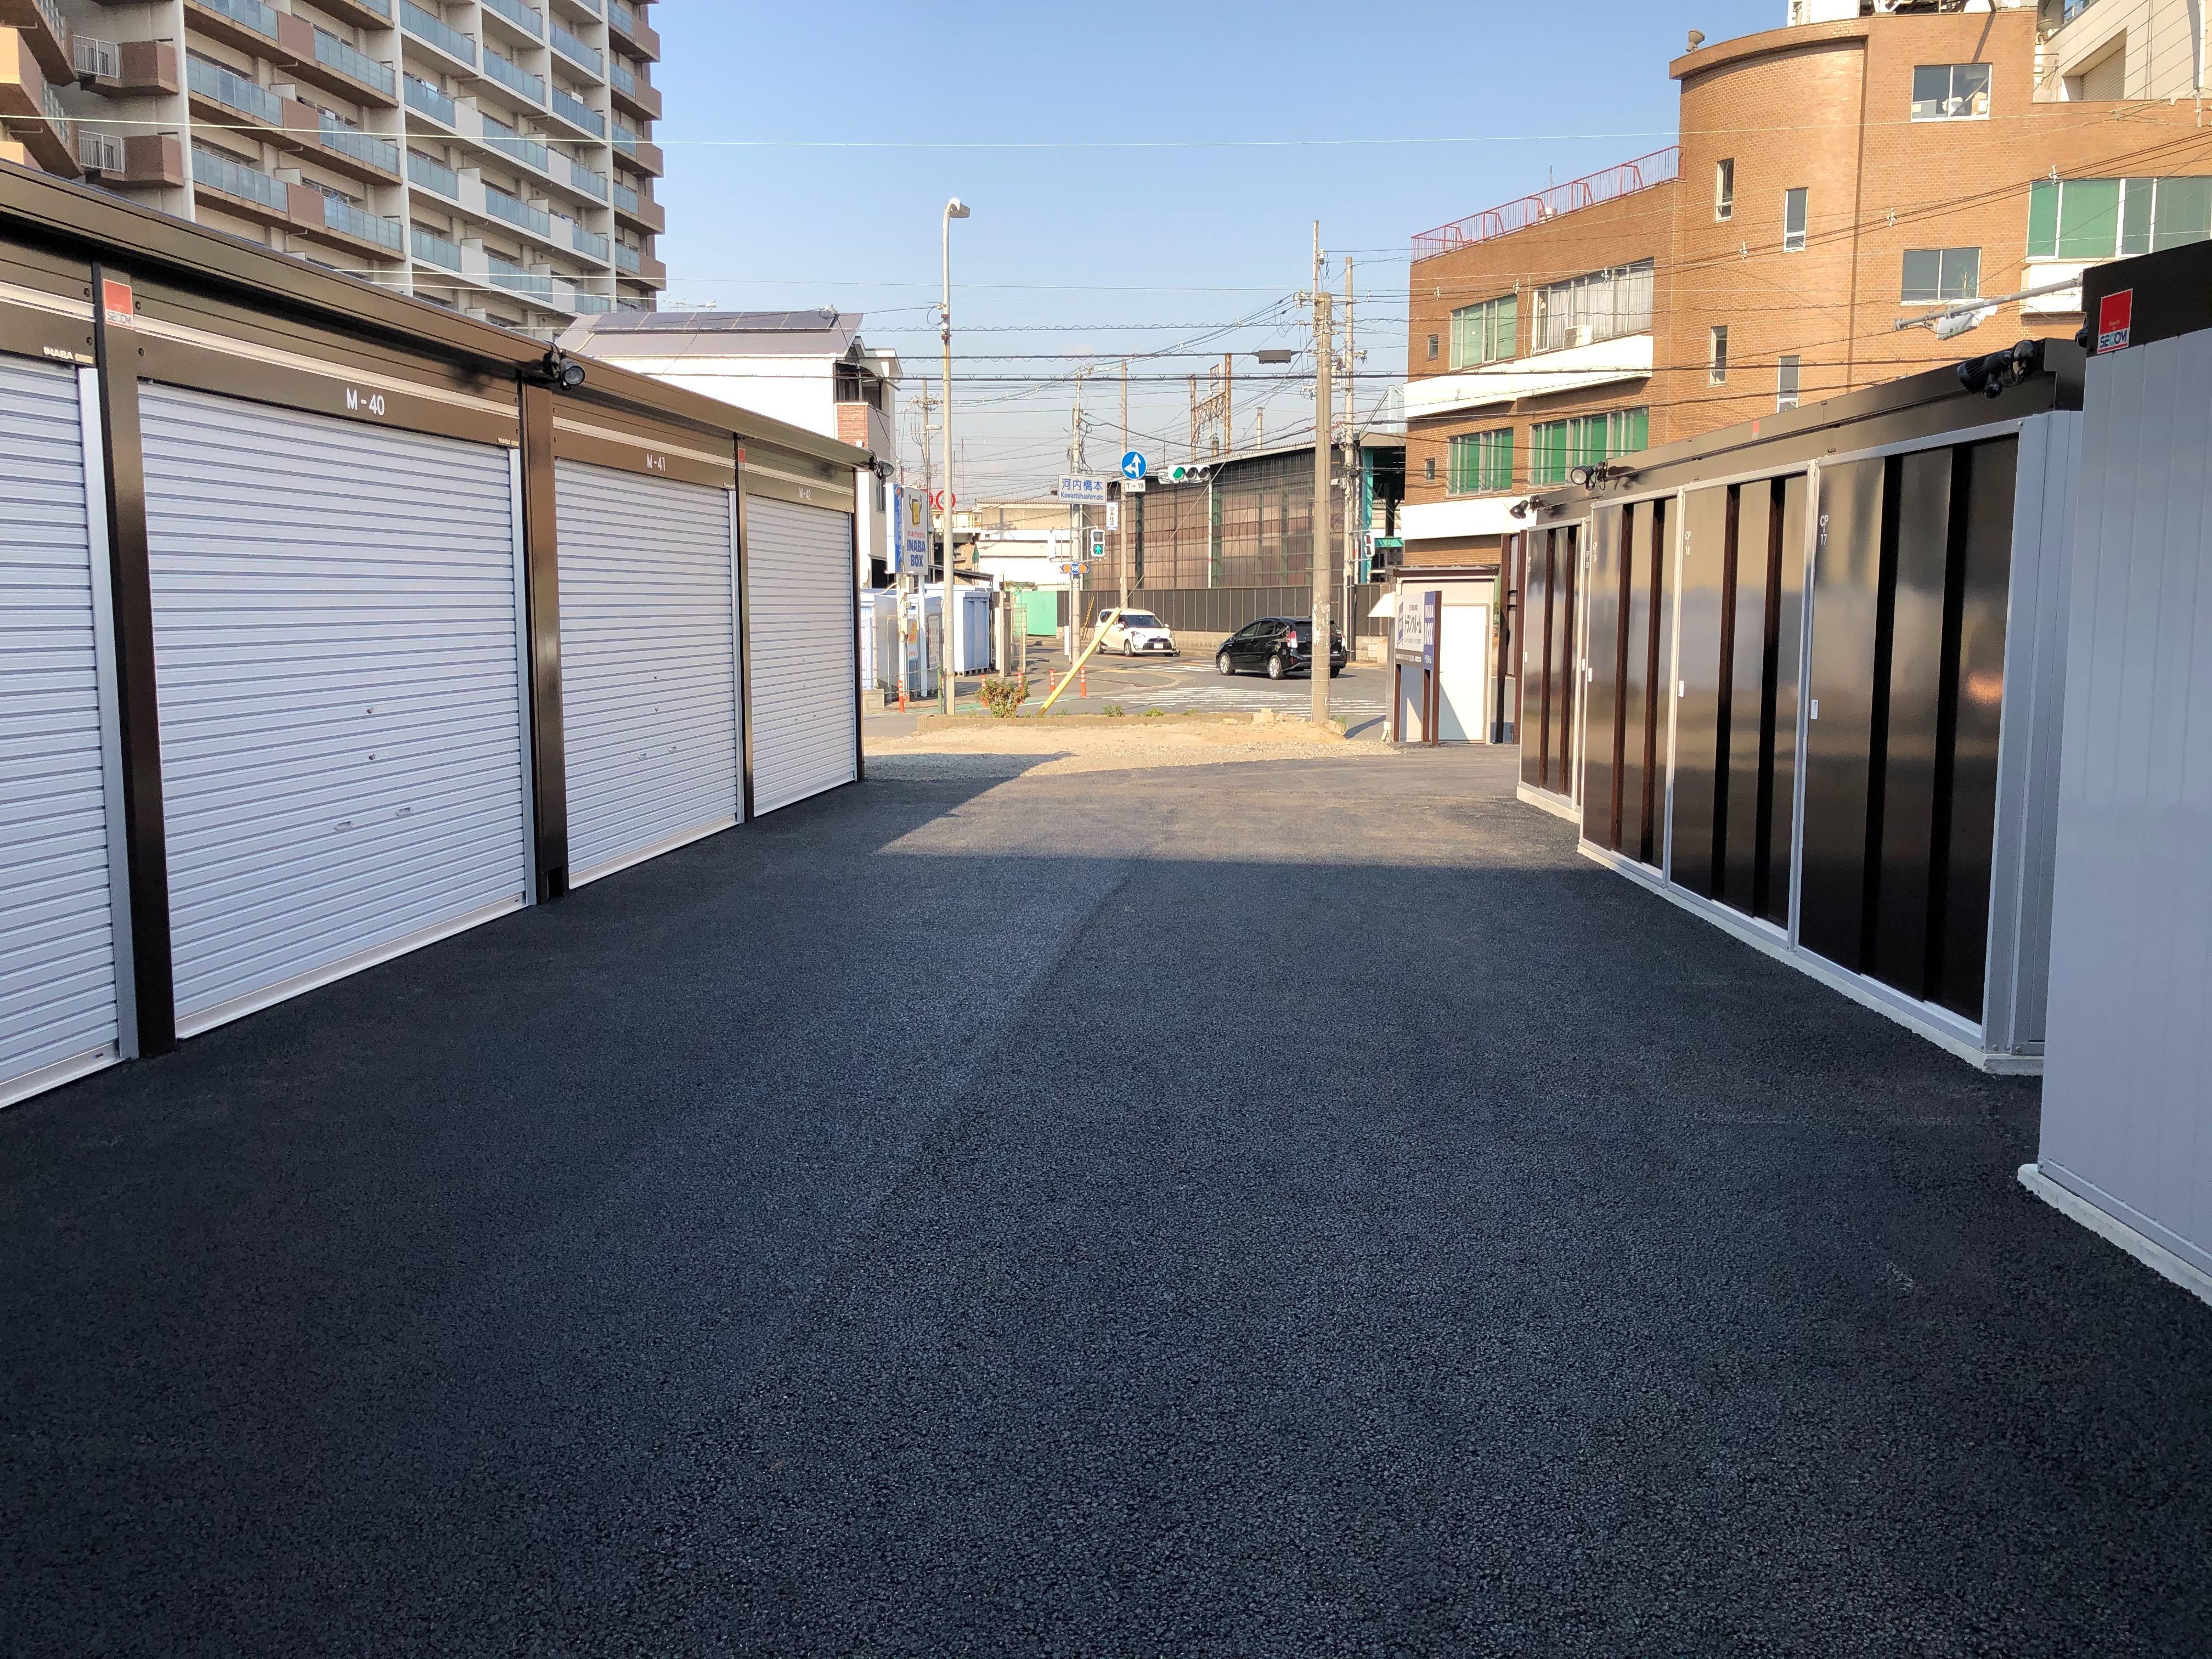 鴻池徳庵2号店